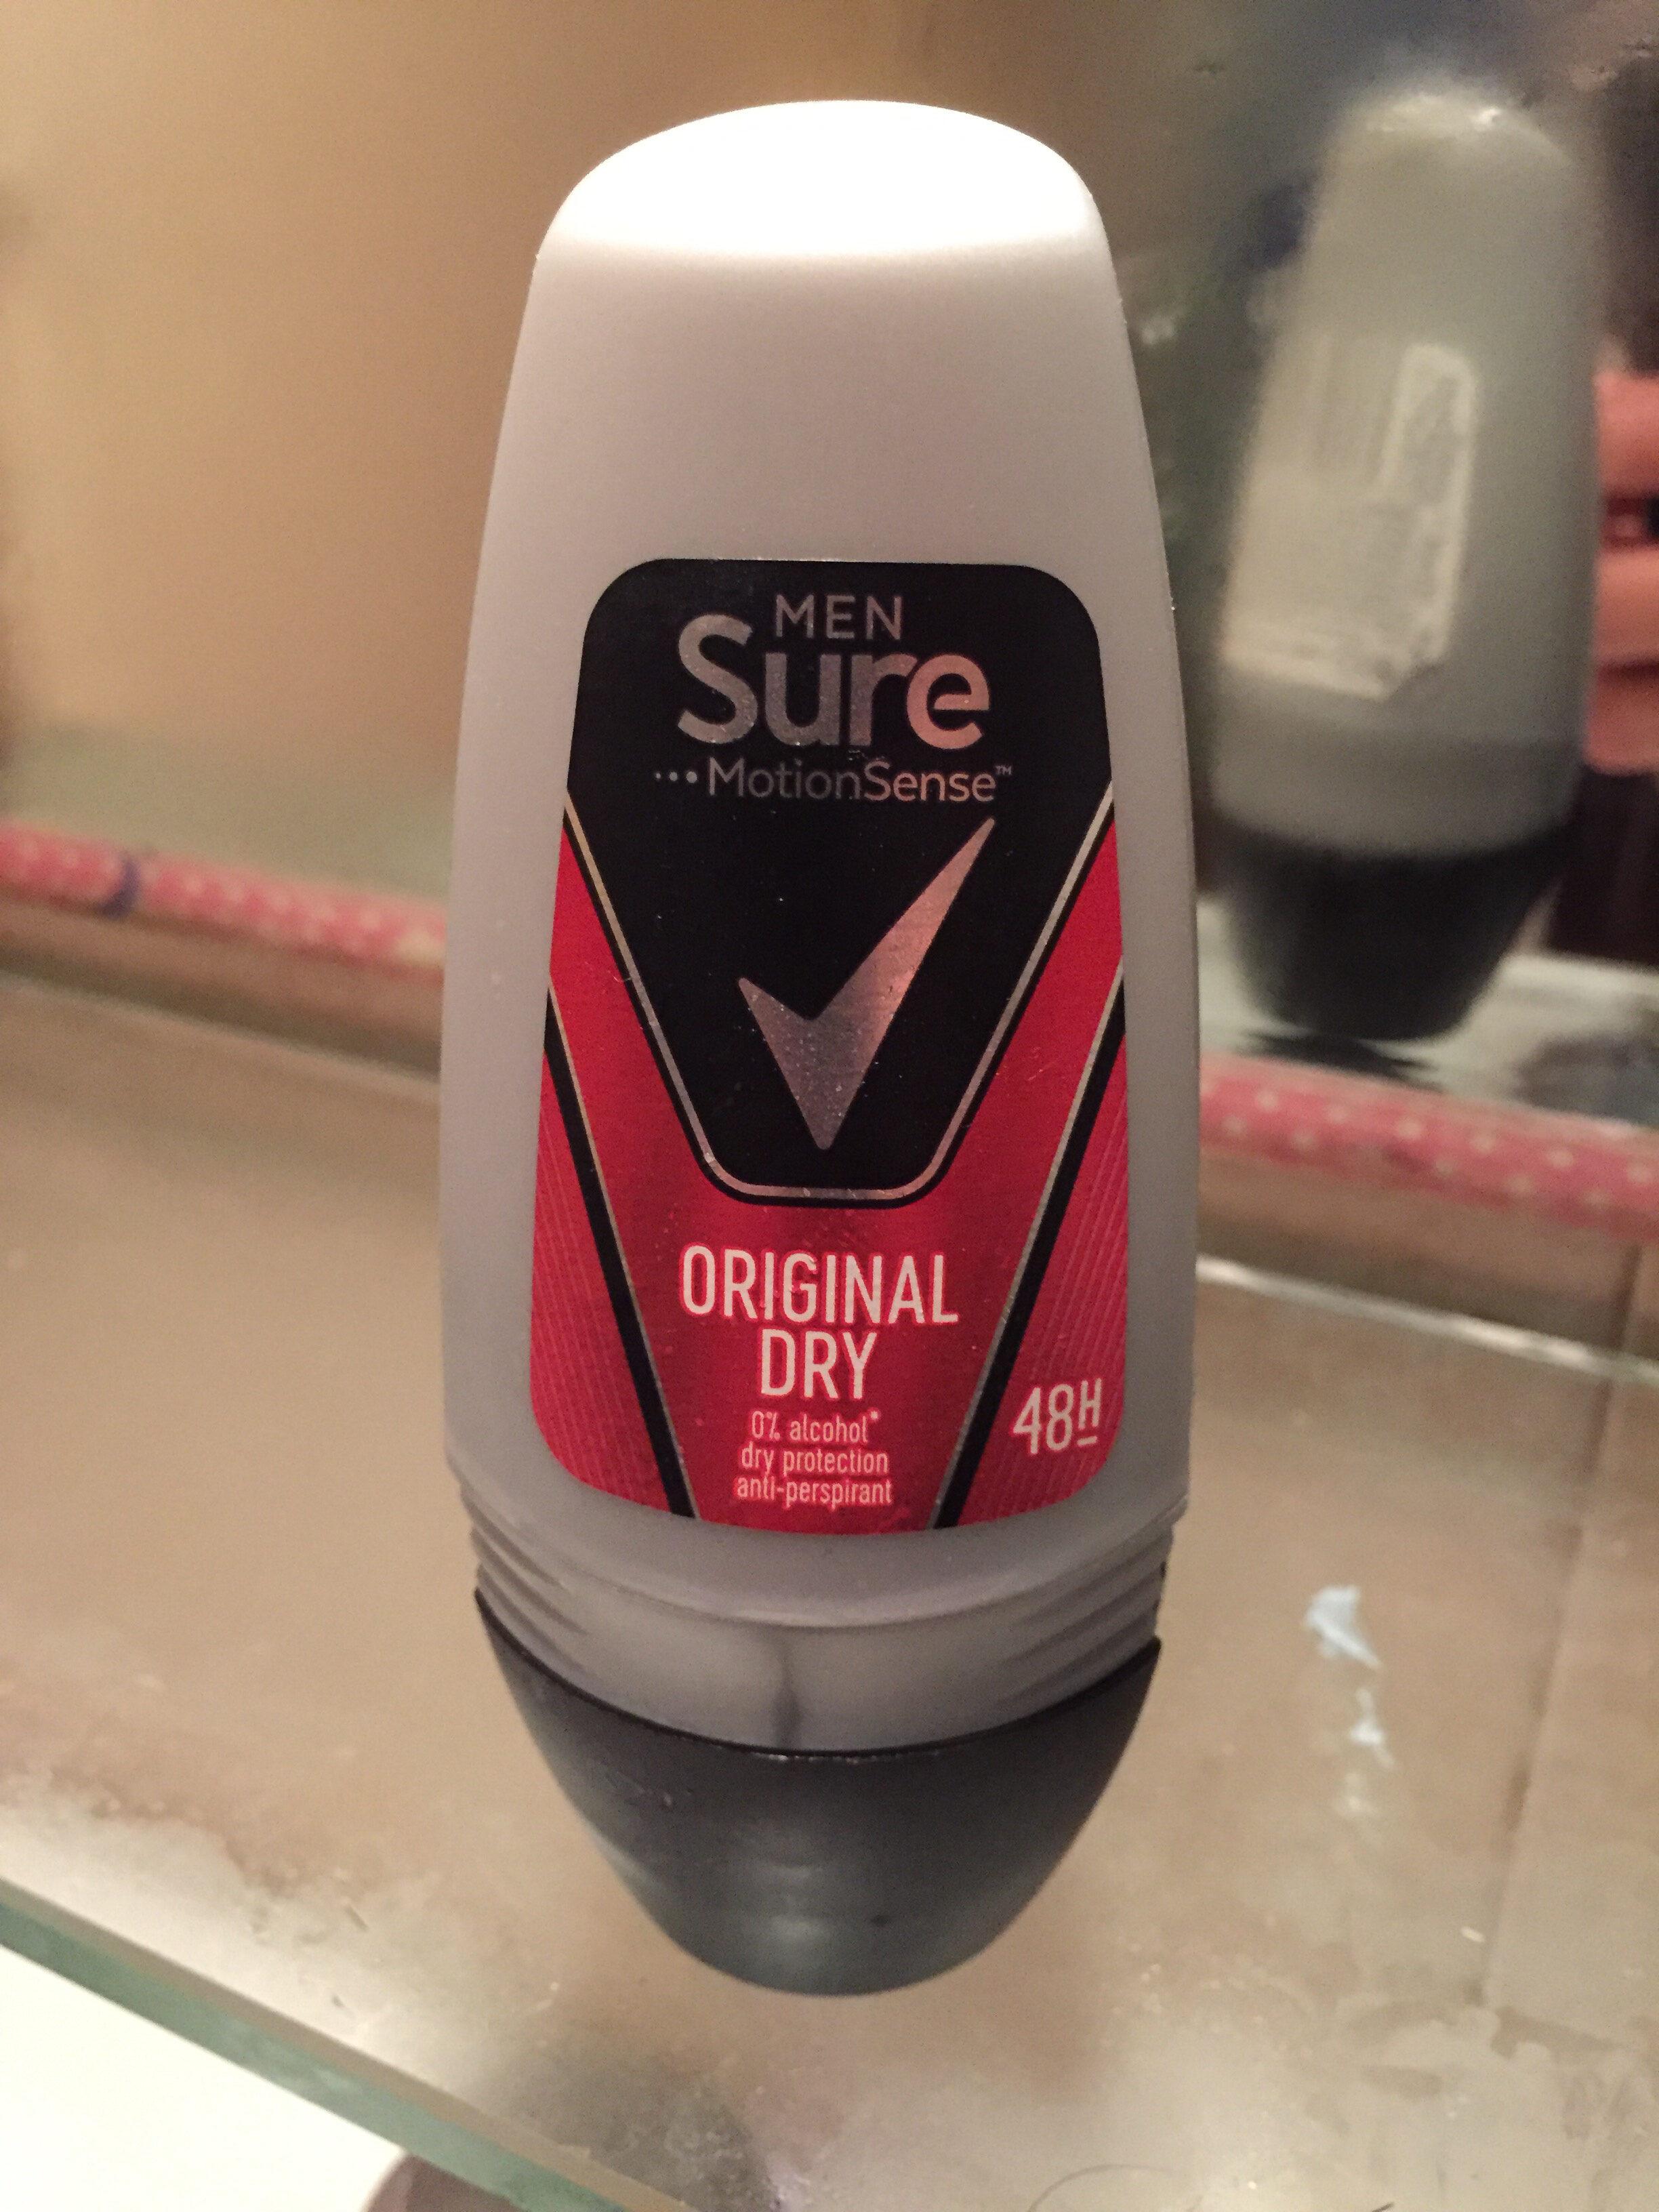 Original Dry - Product - en